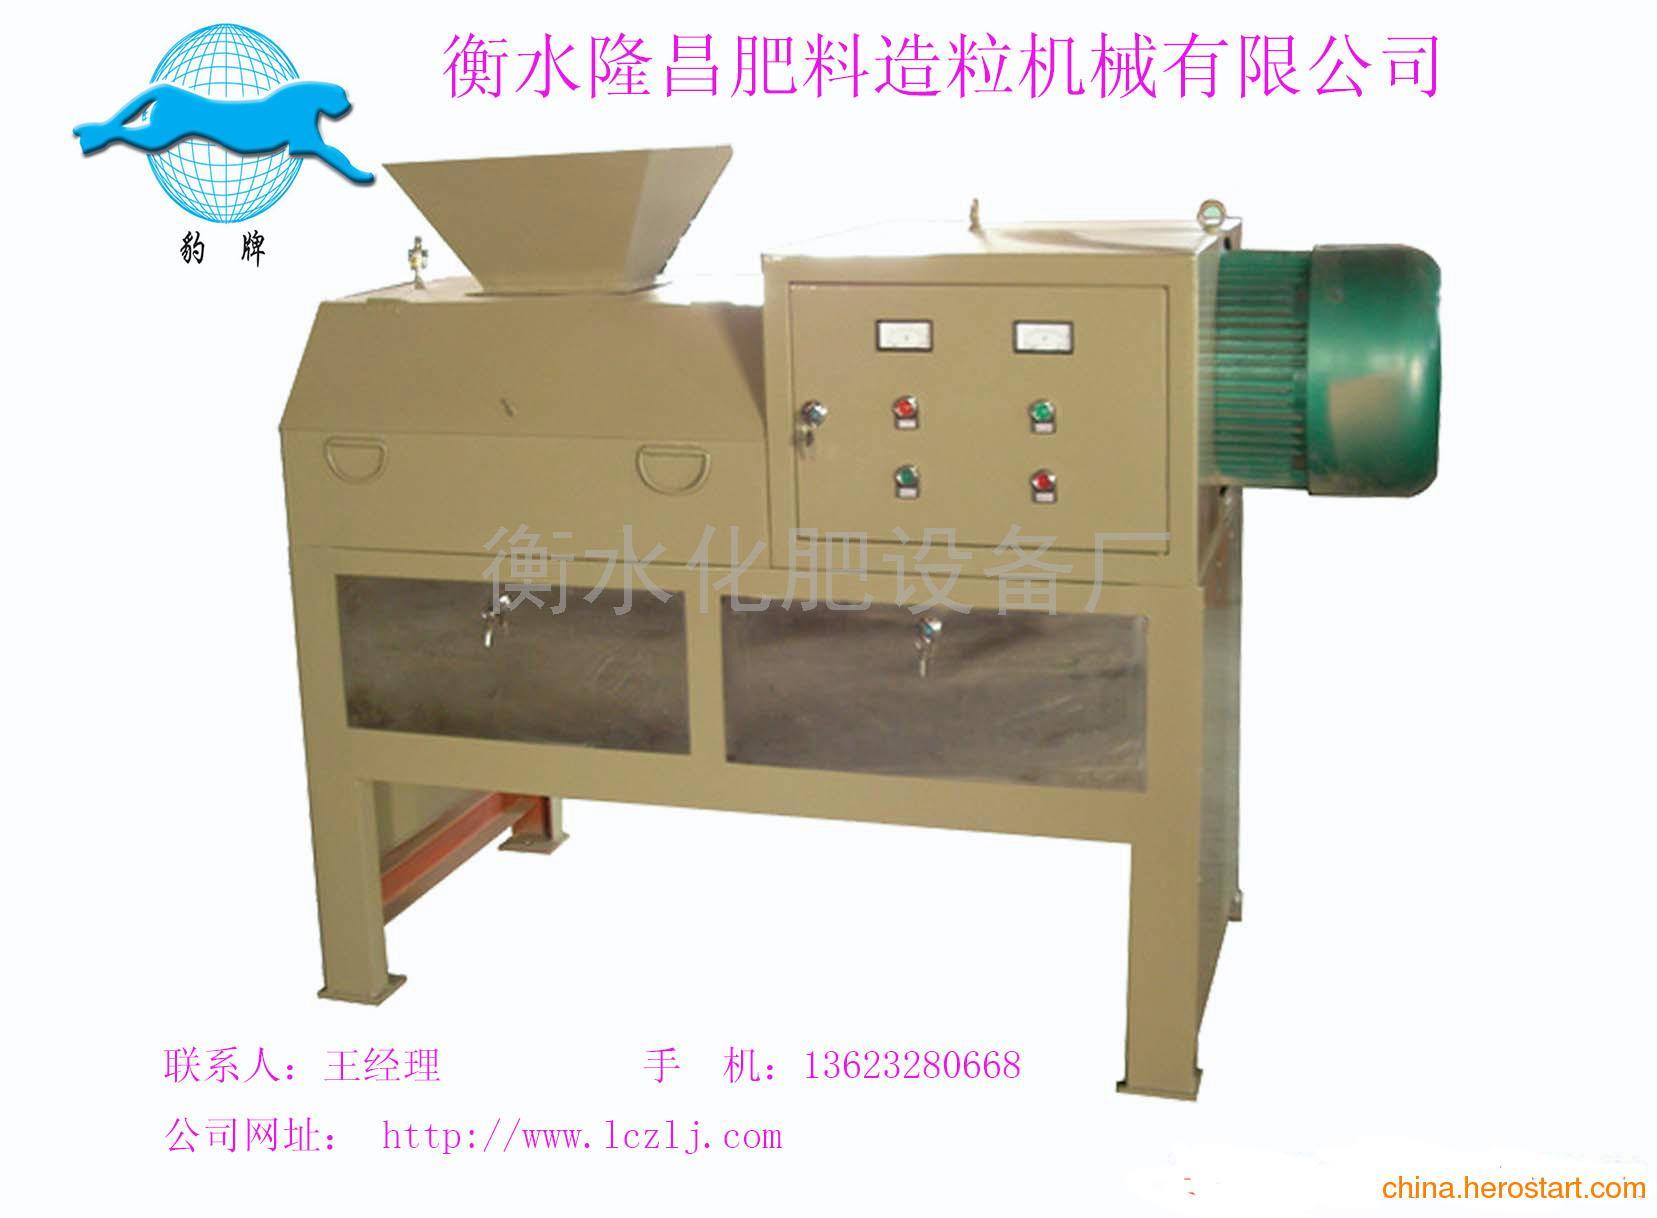 供应钾肥造粒机 复混肥生产线隆昌专业制造